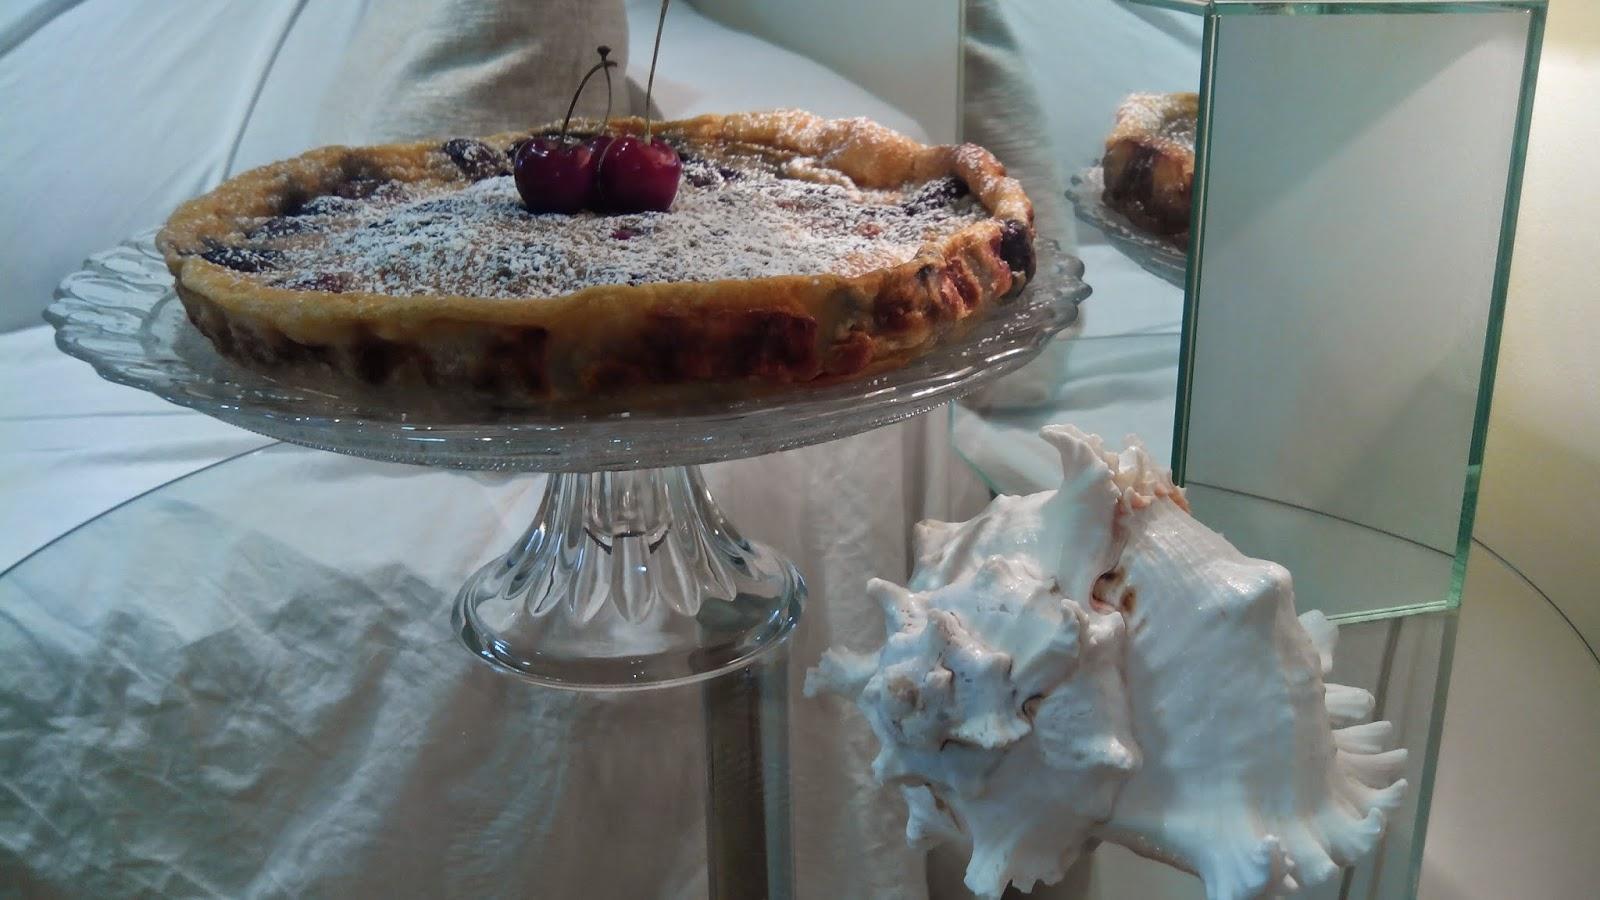 Tarta de cerezas, pastel de cerezas, clafoutis de cerezas, tarta, cerezas, tarta de fruta,